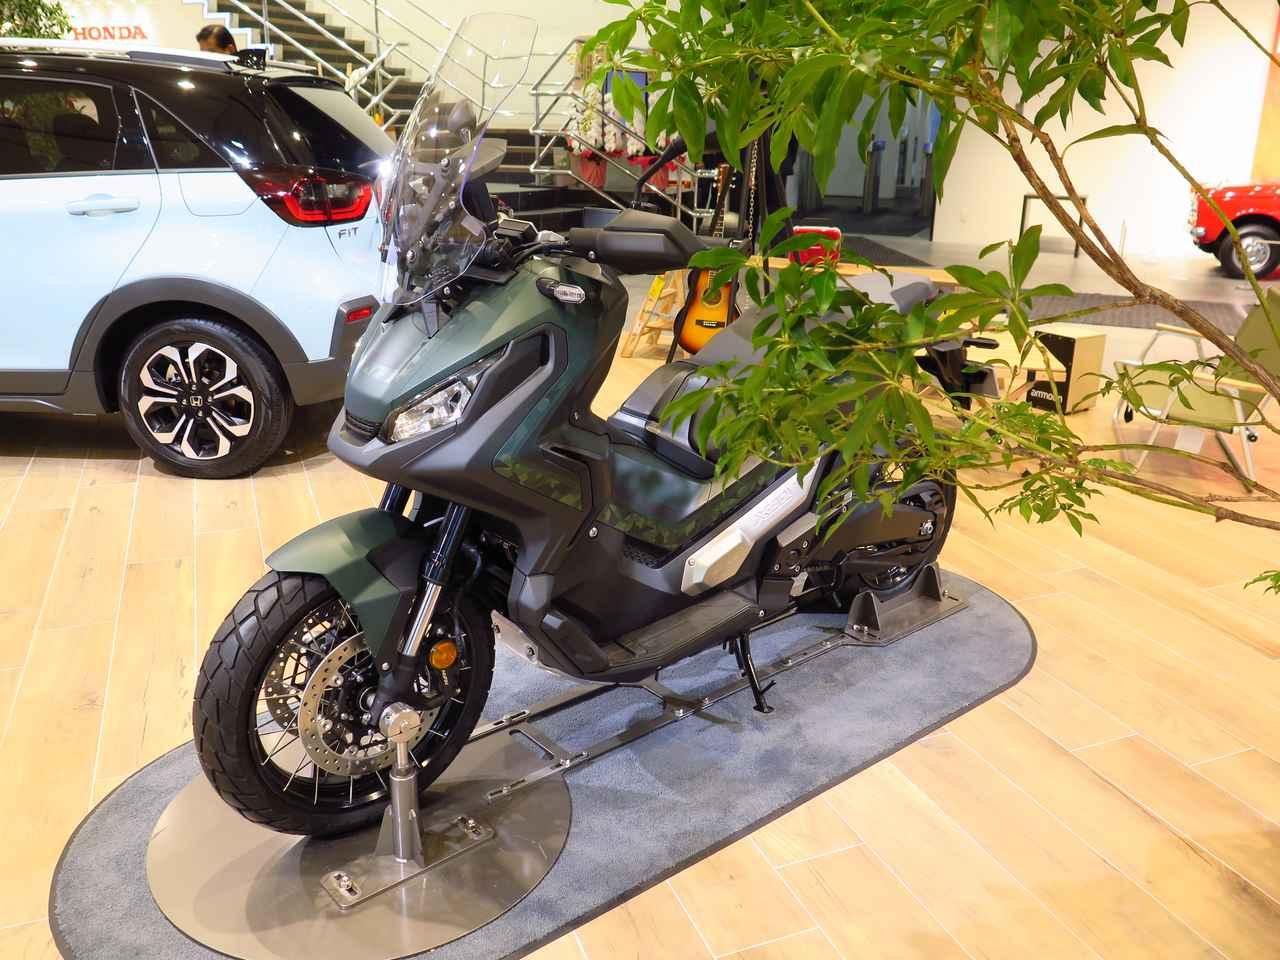 「Hondaウエルカムプラザ青山」に行ってきました! 観光目的にはもちろん、いろいろと使えるおしゃれスポットにリニューアル